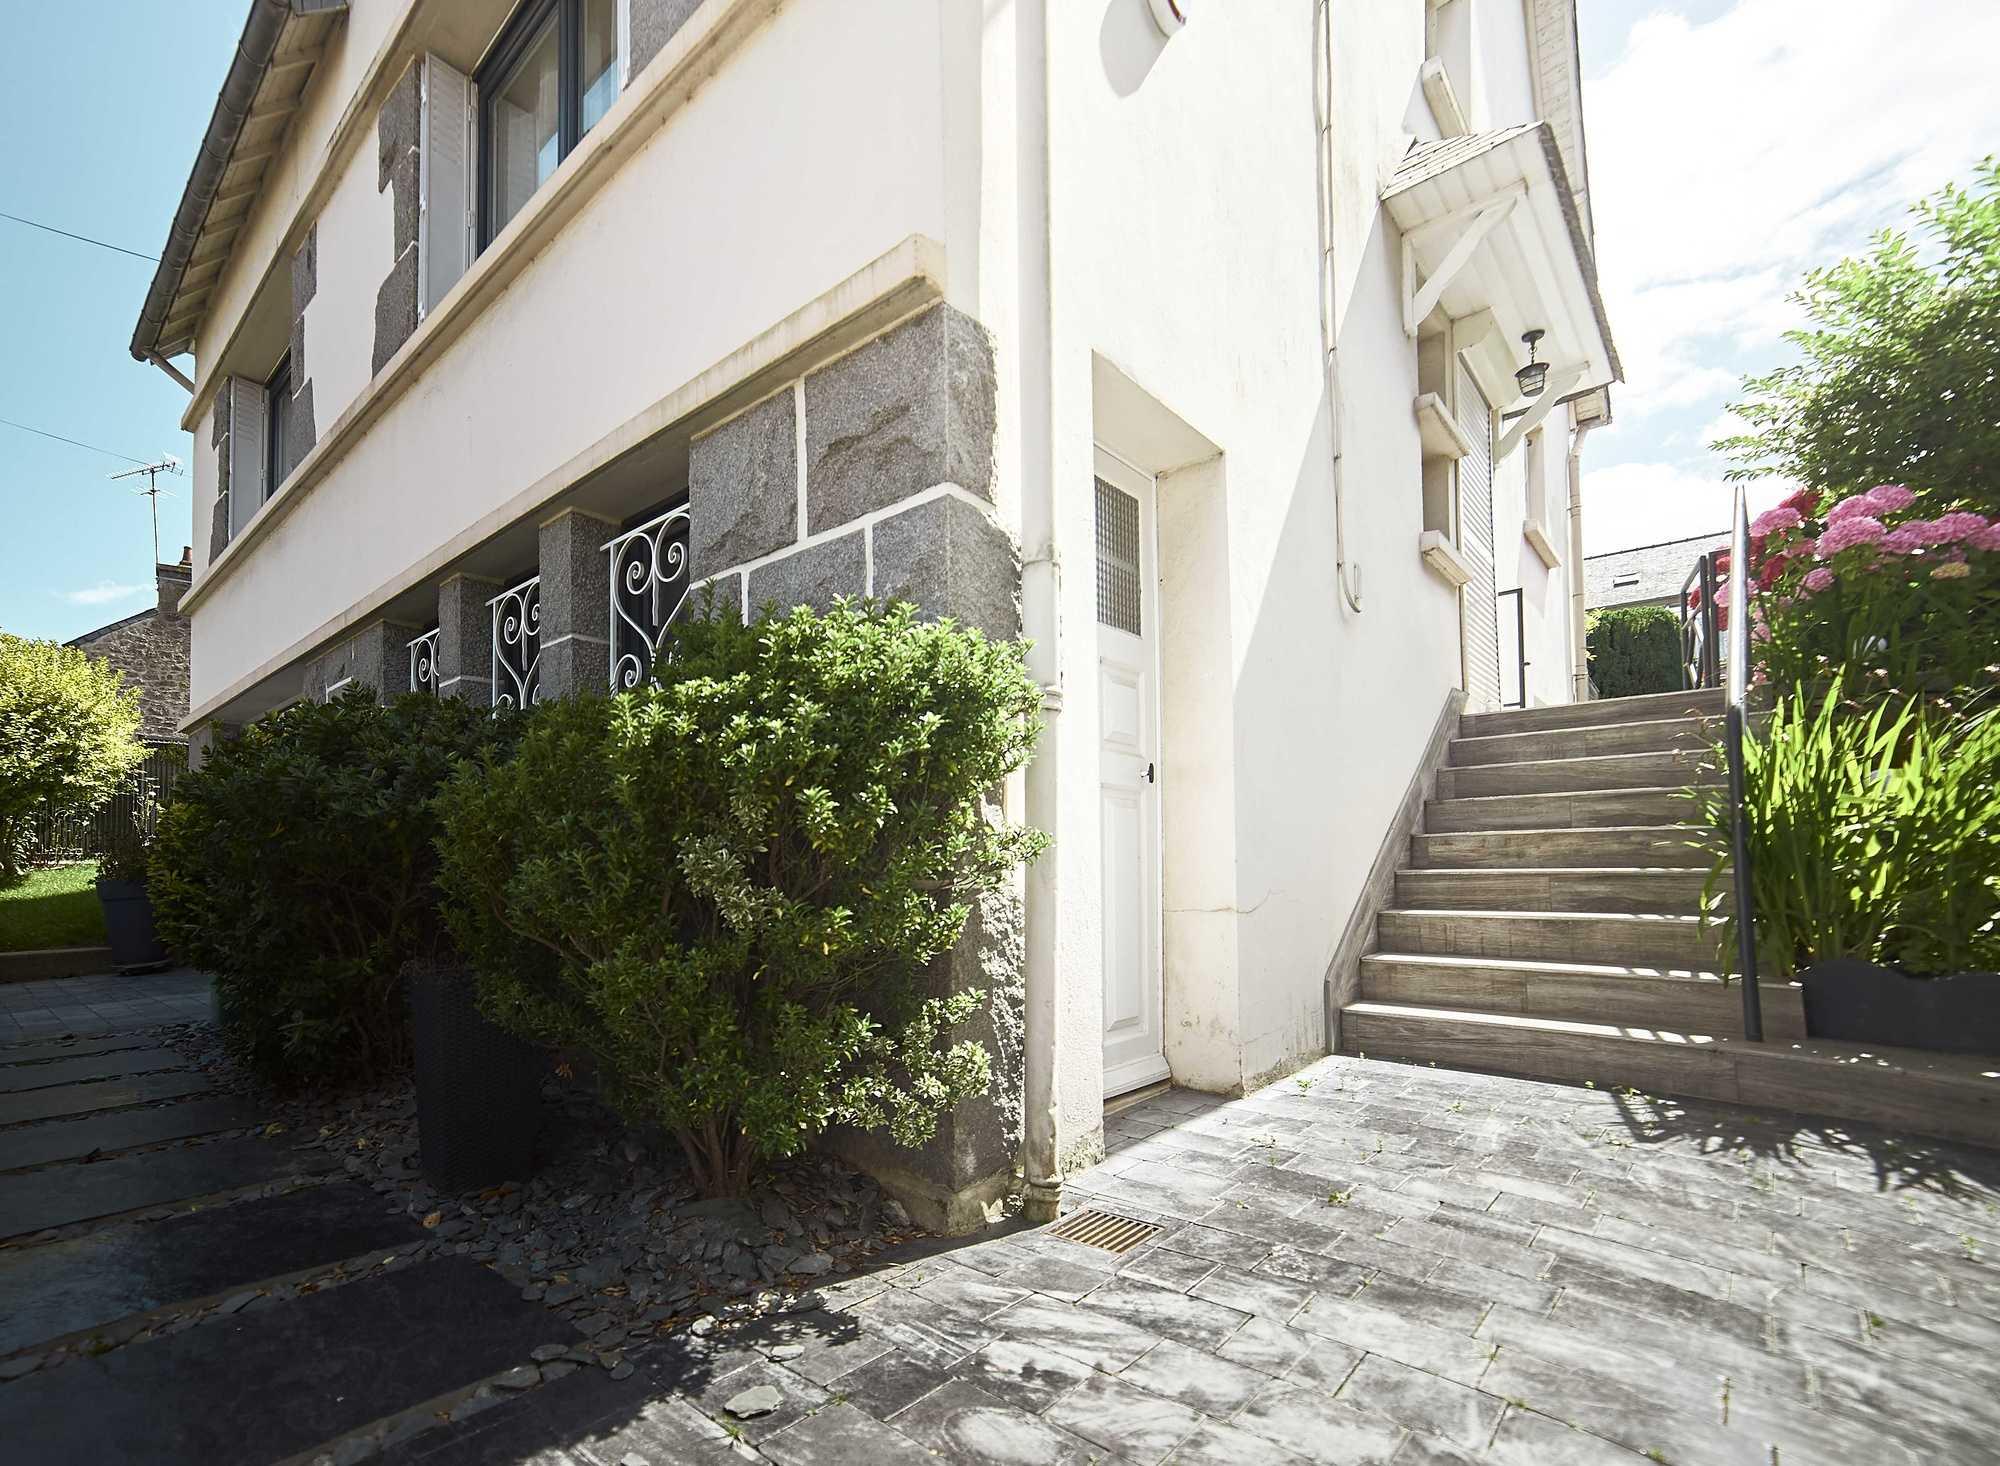 Entrée, escalier, terrasse, palissades